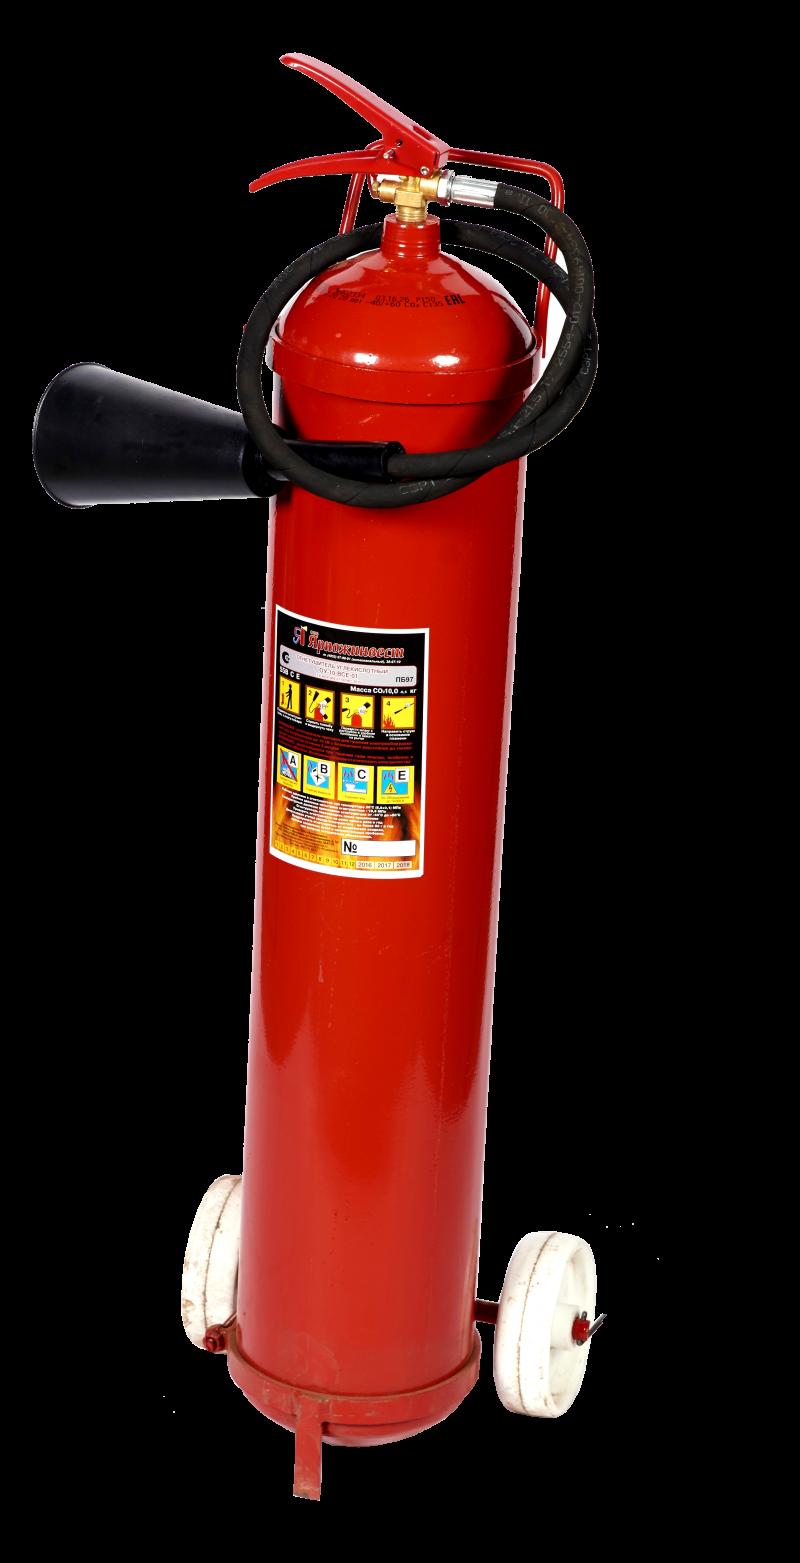 ածխաթթվային գազով կրակմարիչ կգ углекислотный огнетушитель кг carbon dioxide extinguisher kg